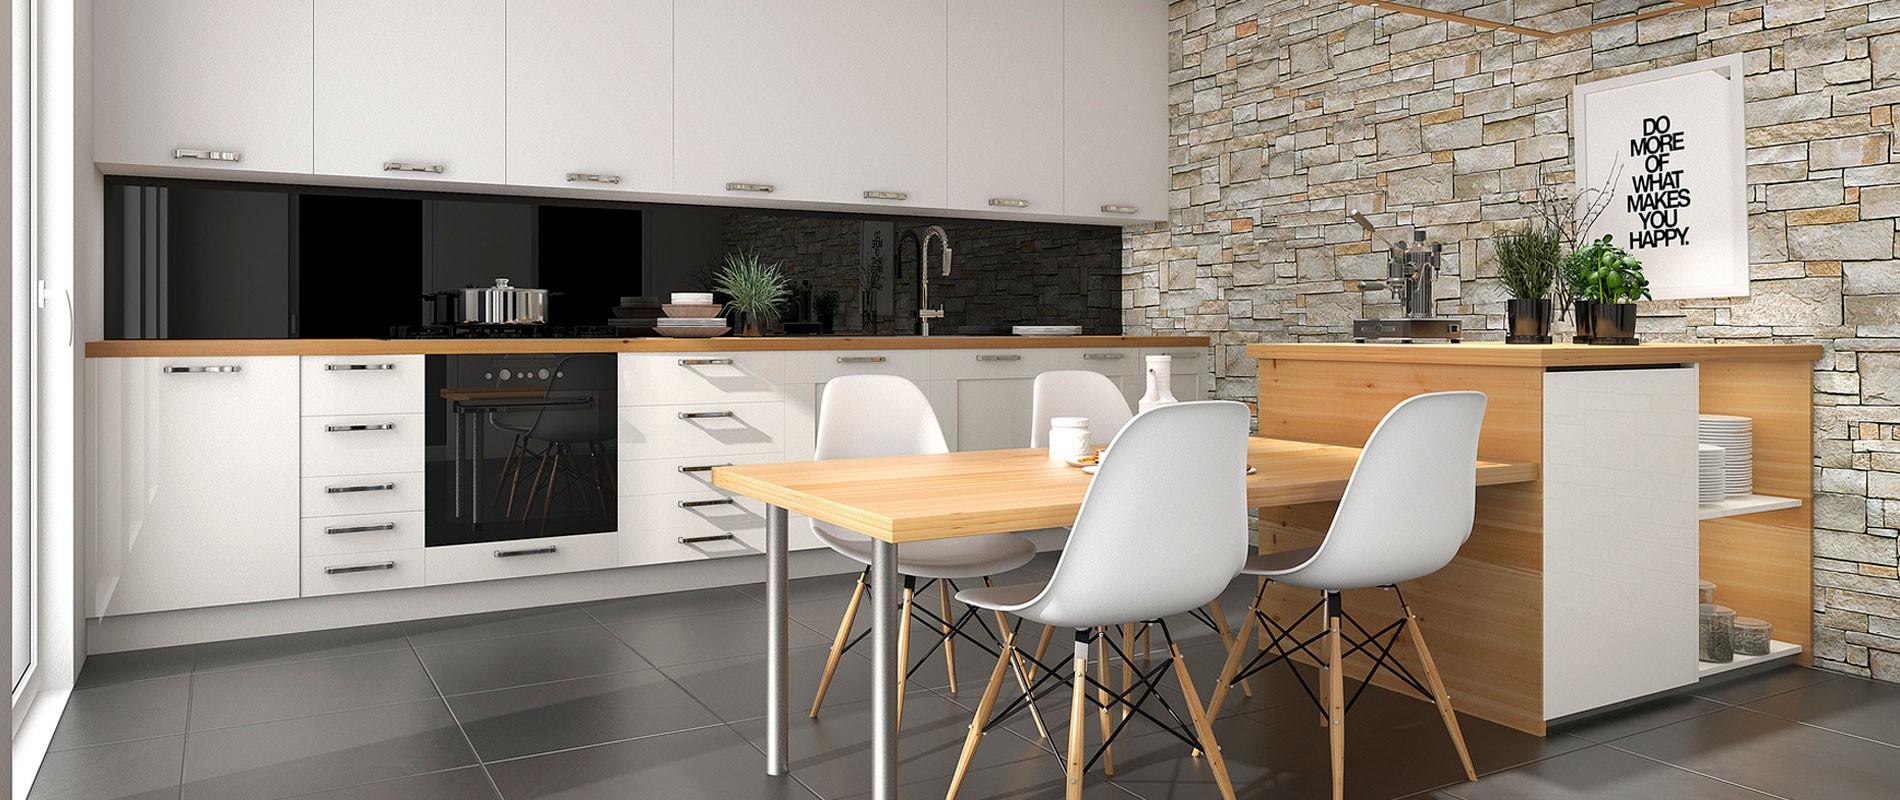 Full Size of Was Kostet Eine Küche Ohne Elektrogeräte Roller Küche Ohne Elektrogeräte Komplette Küche Ohne Elektrogeräte Küche Ohne Elektrogeräte Günstig Küche Küche Ohne Elektrogeräte